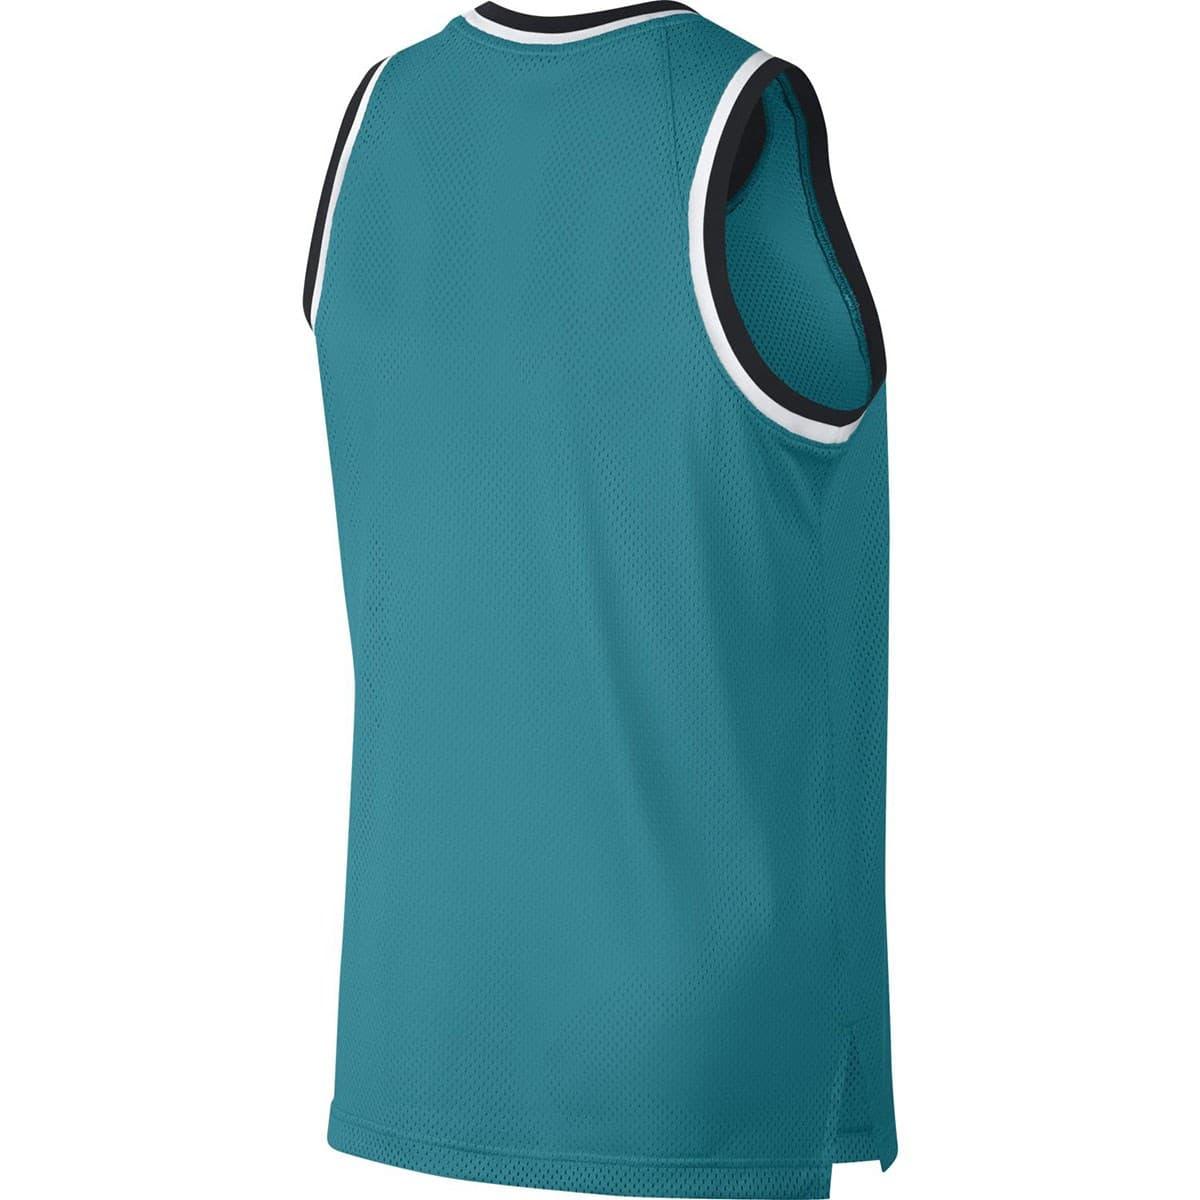 Dri-Fit Classic Jersey Basketbol Forması (AQ5591-366)